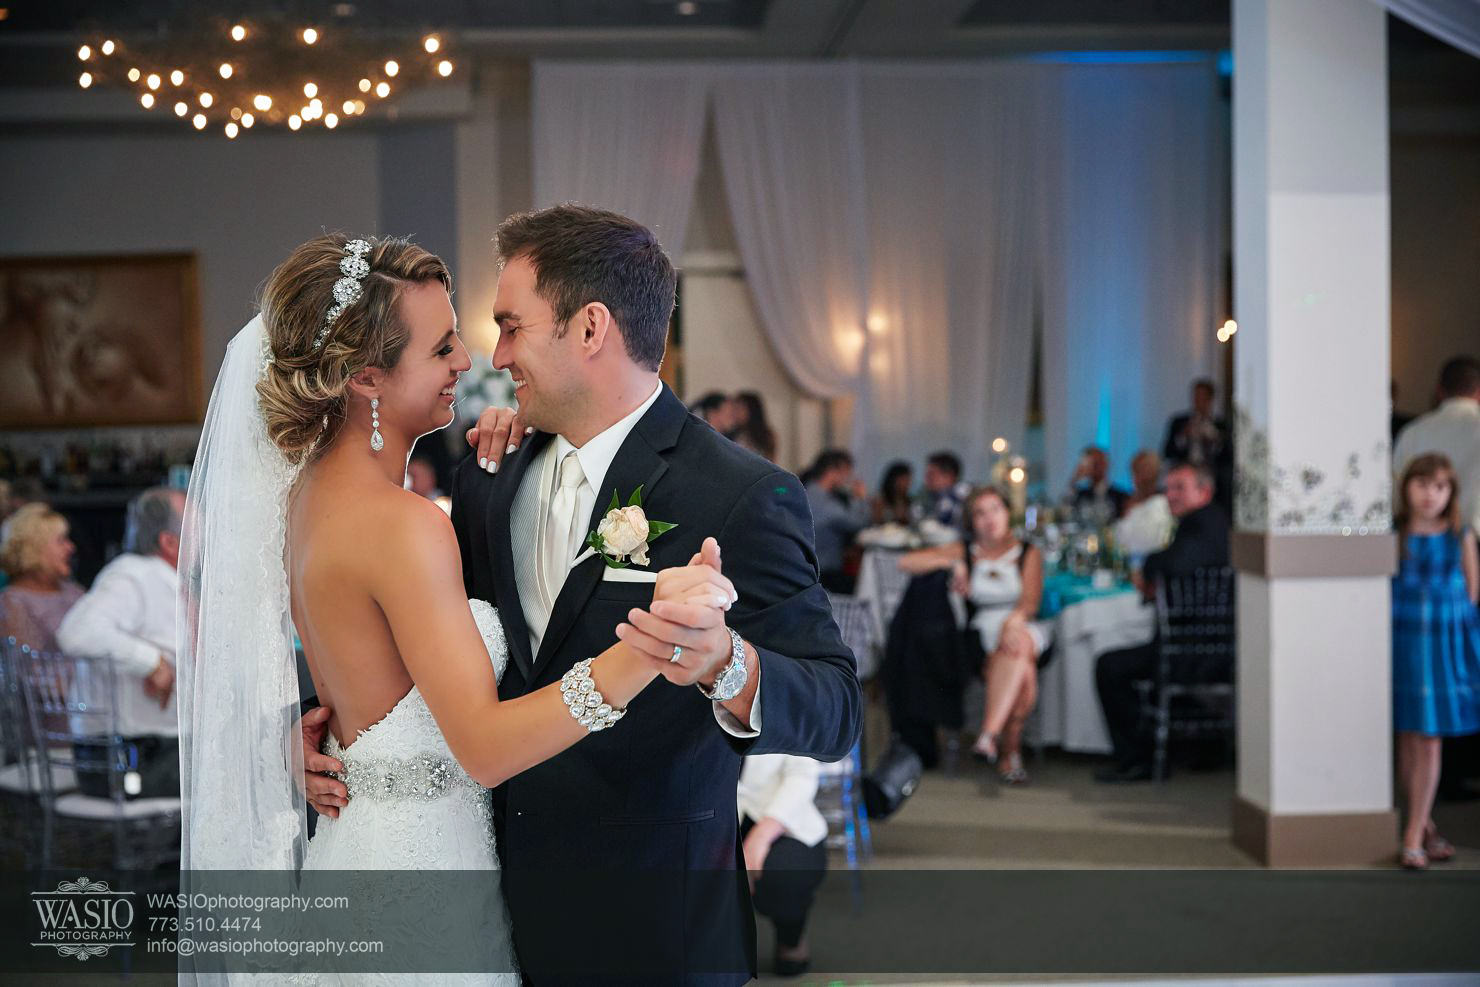 30_Chicago-Summer-Wedding_0O3A49261 Chicago Summer Wedding - Angelica & Pawel